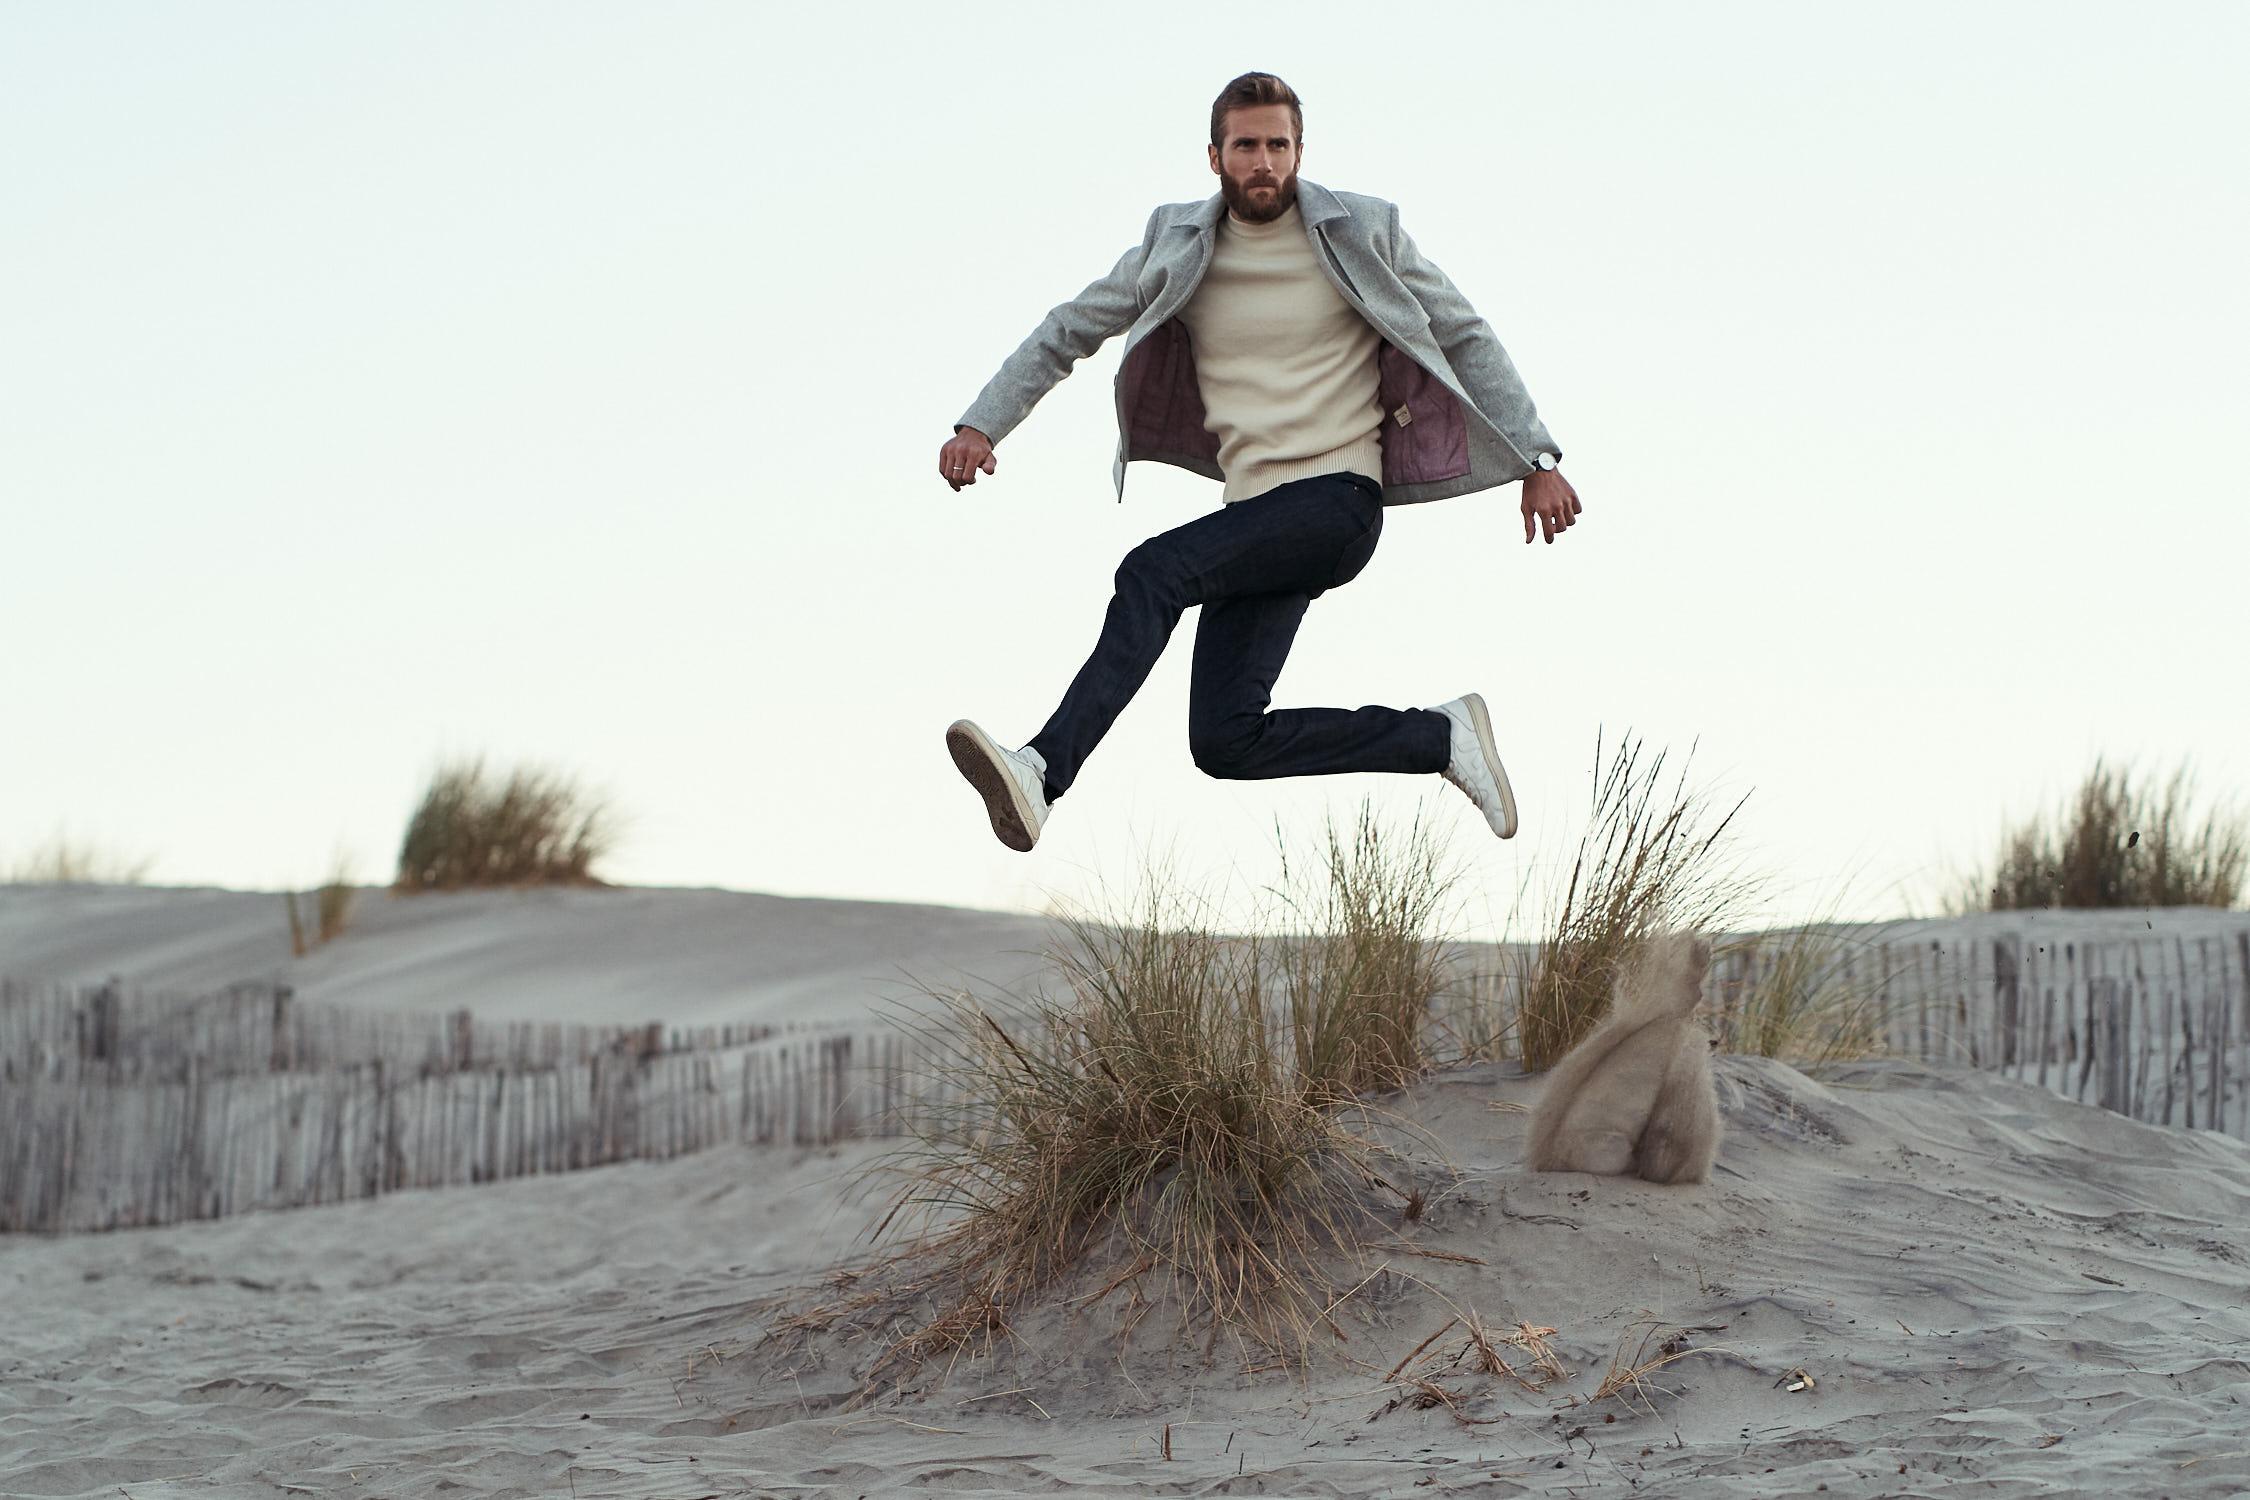 Homme qui saute sur la plage avec un veston en laine gris clair et une doublure rouge en lin belge. Manteau pour homme 100% Made in France